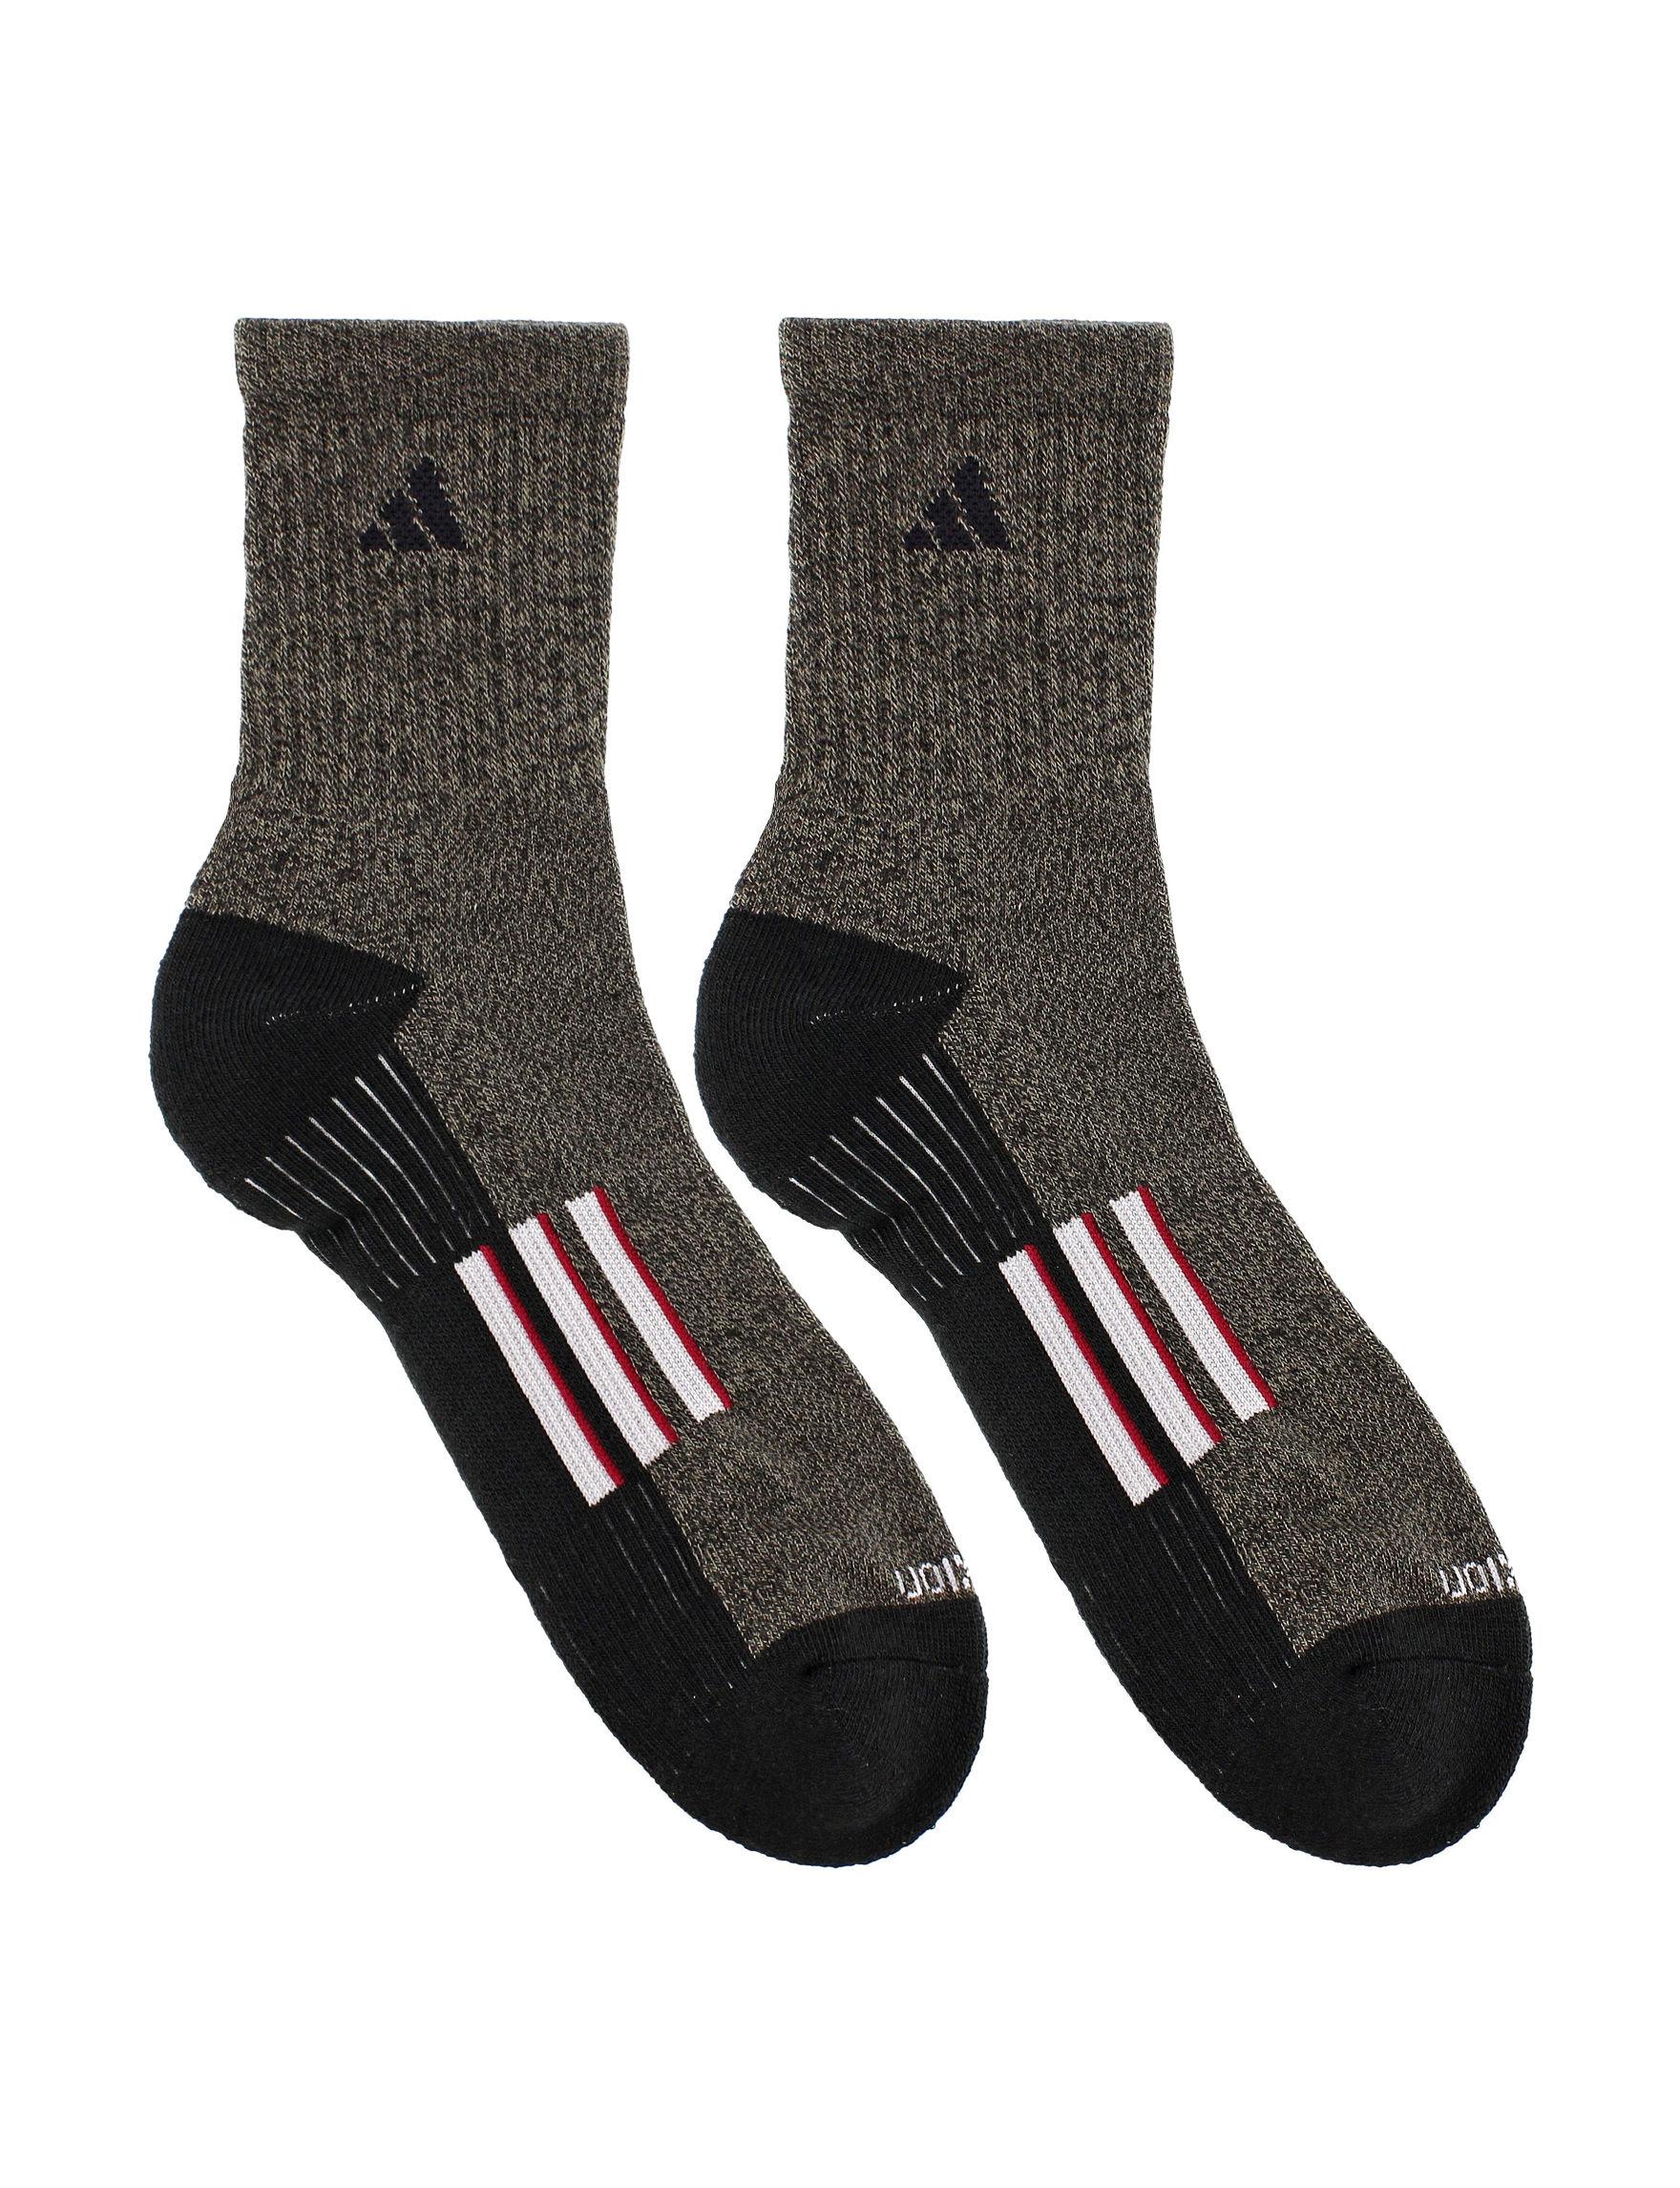 Adidas Black Heather Socks